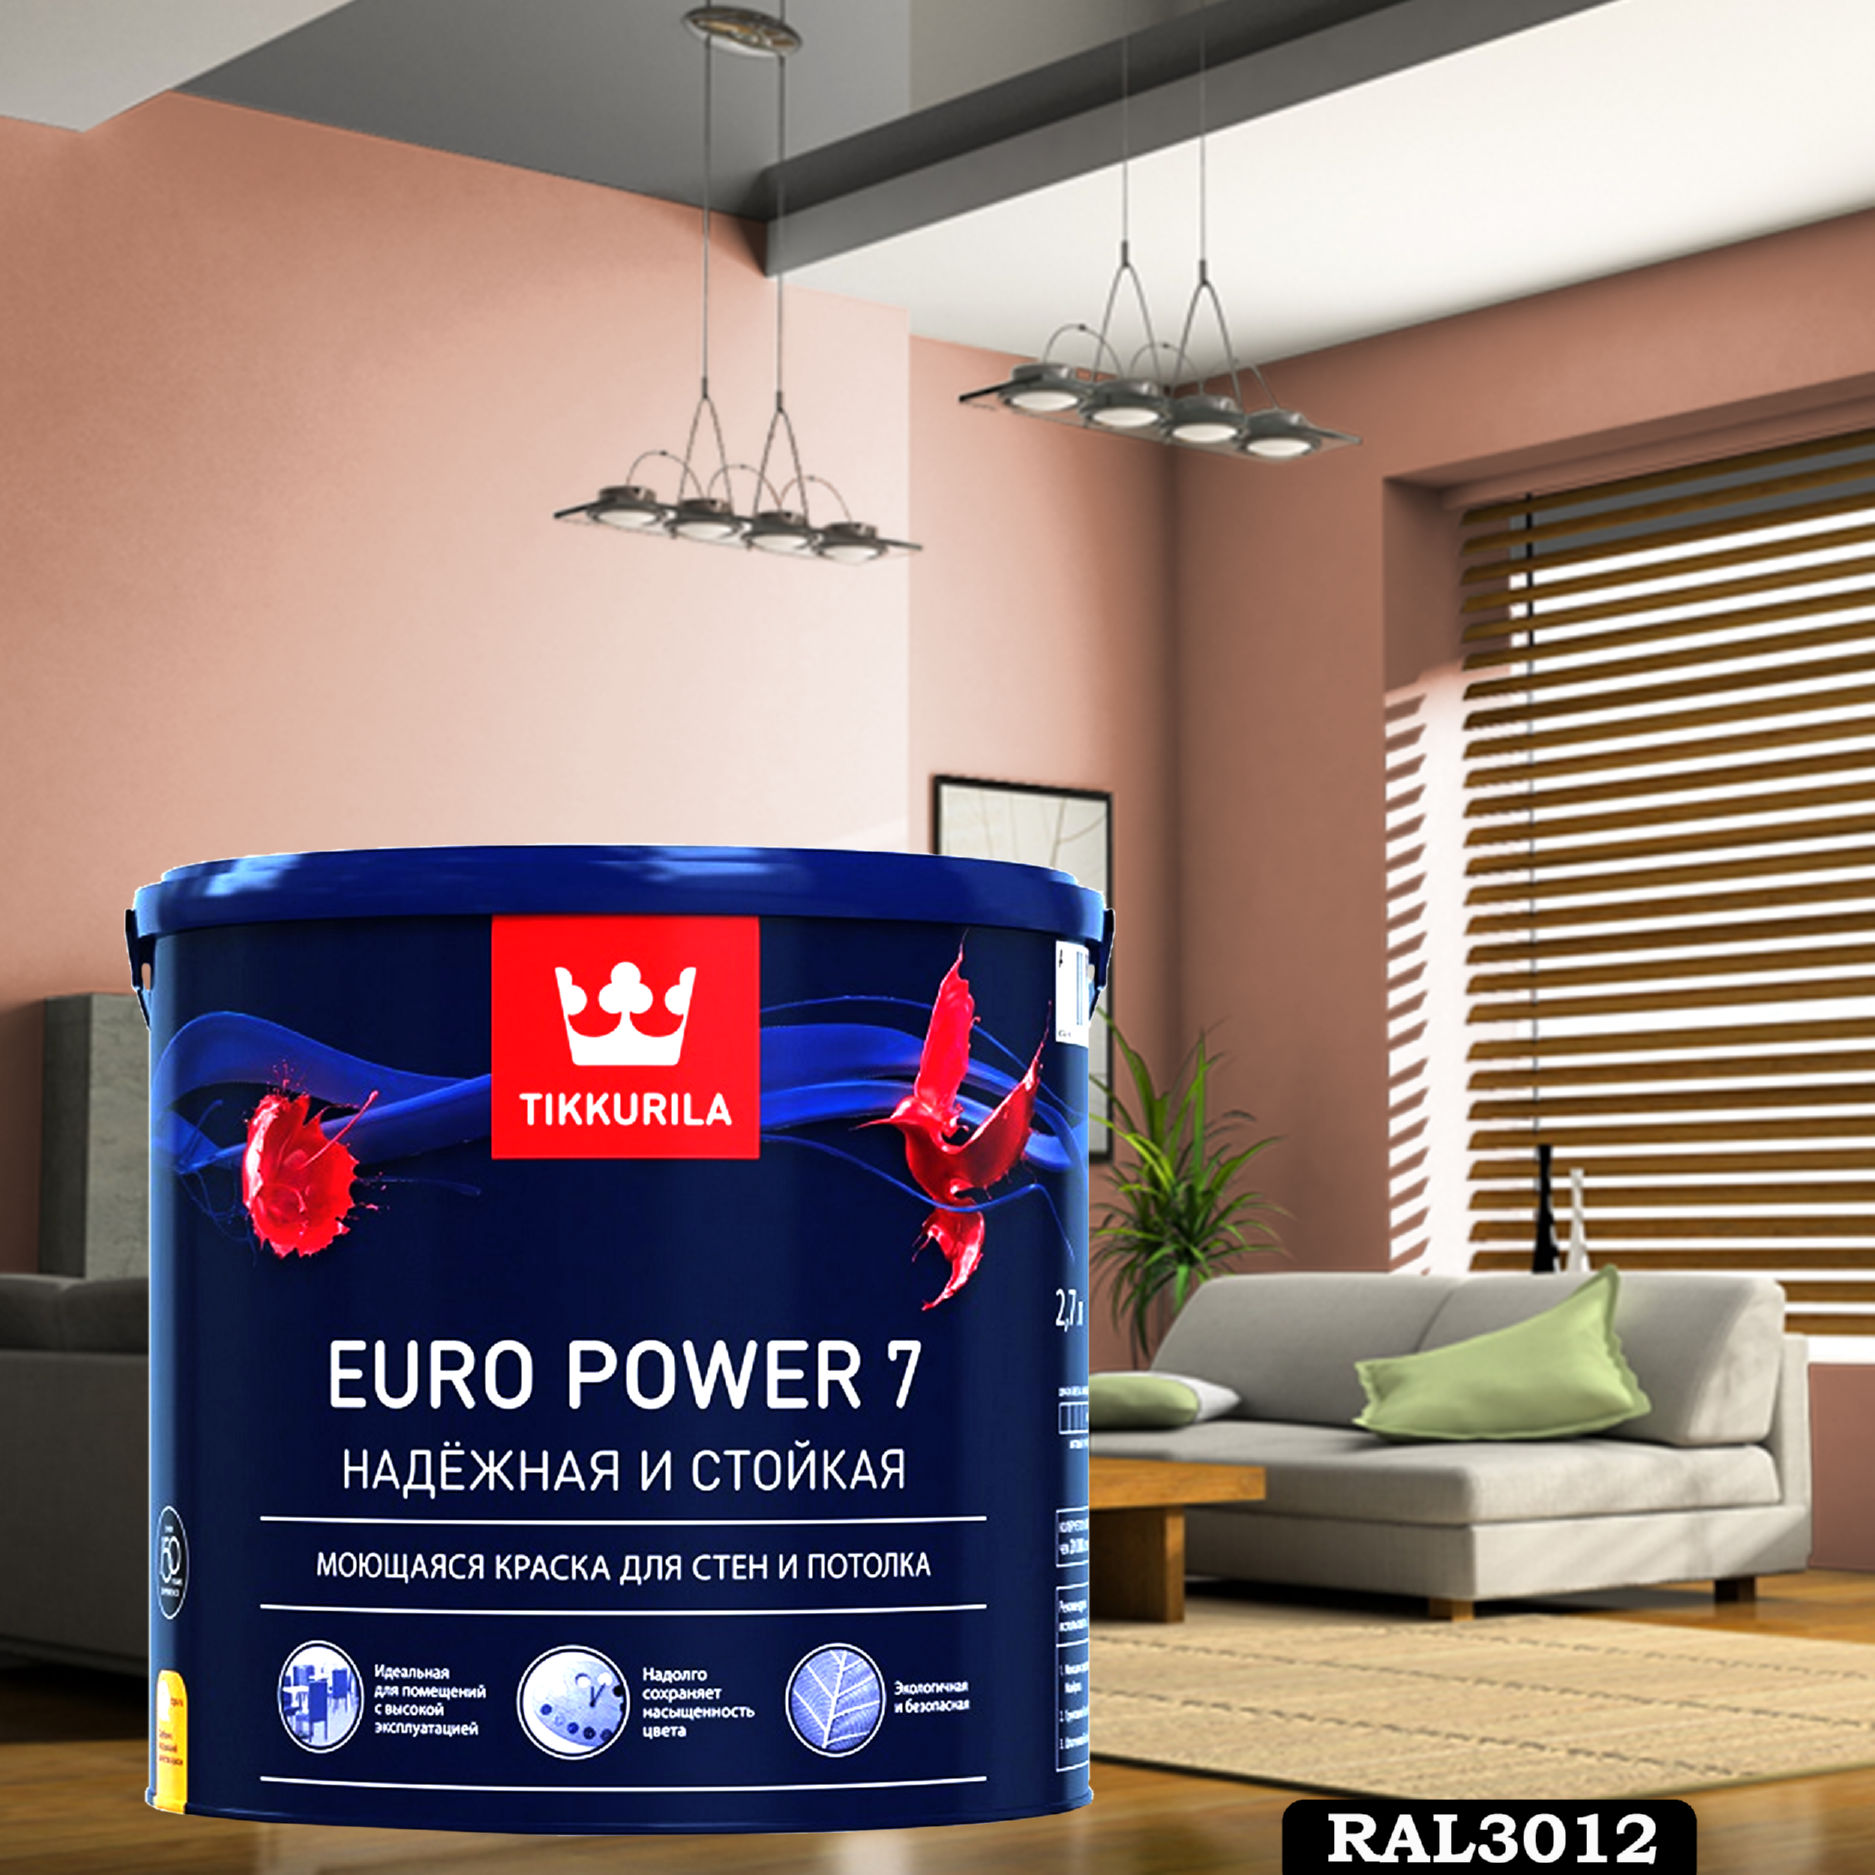 Фото 10 - Краска TIKKURILA Euro Power 7,  RAL 3012 Бежево-красный, латексная моющаяся матовая интерьерная, 9 л.